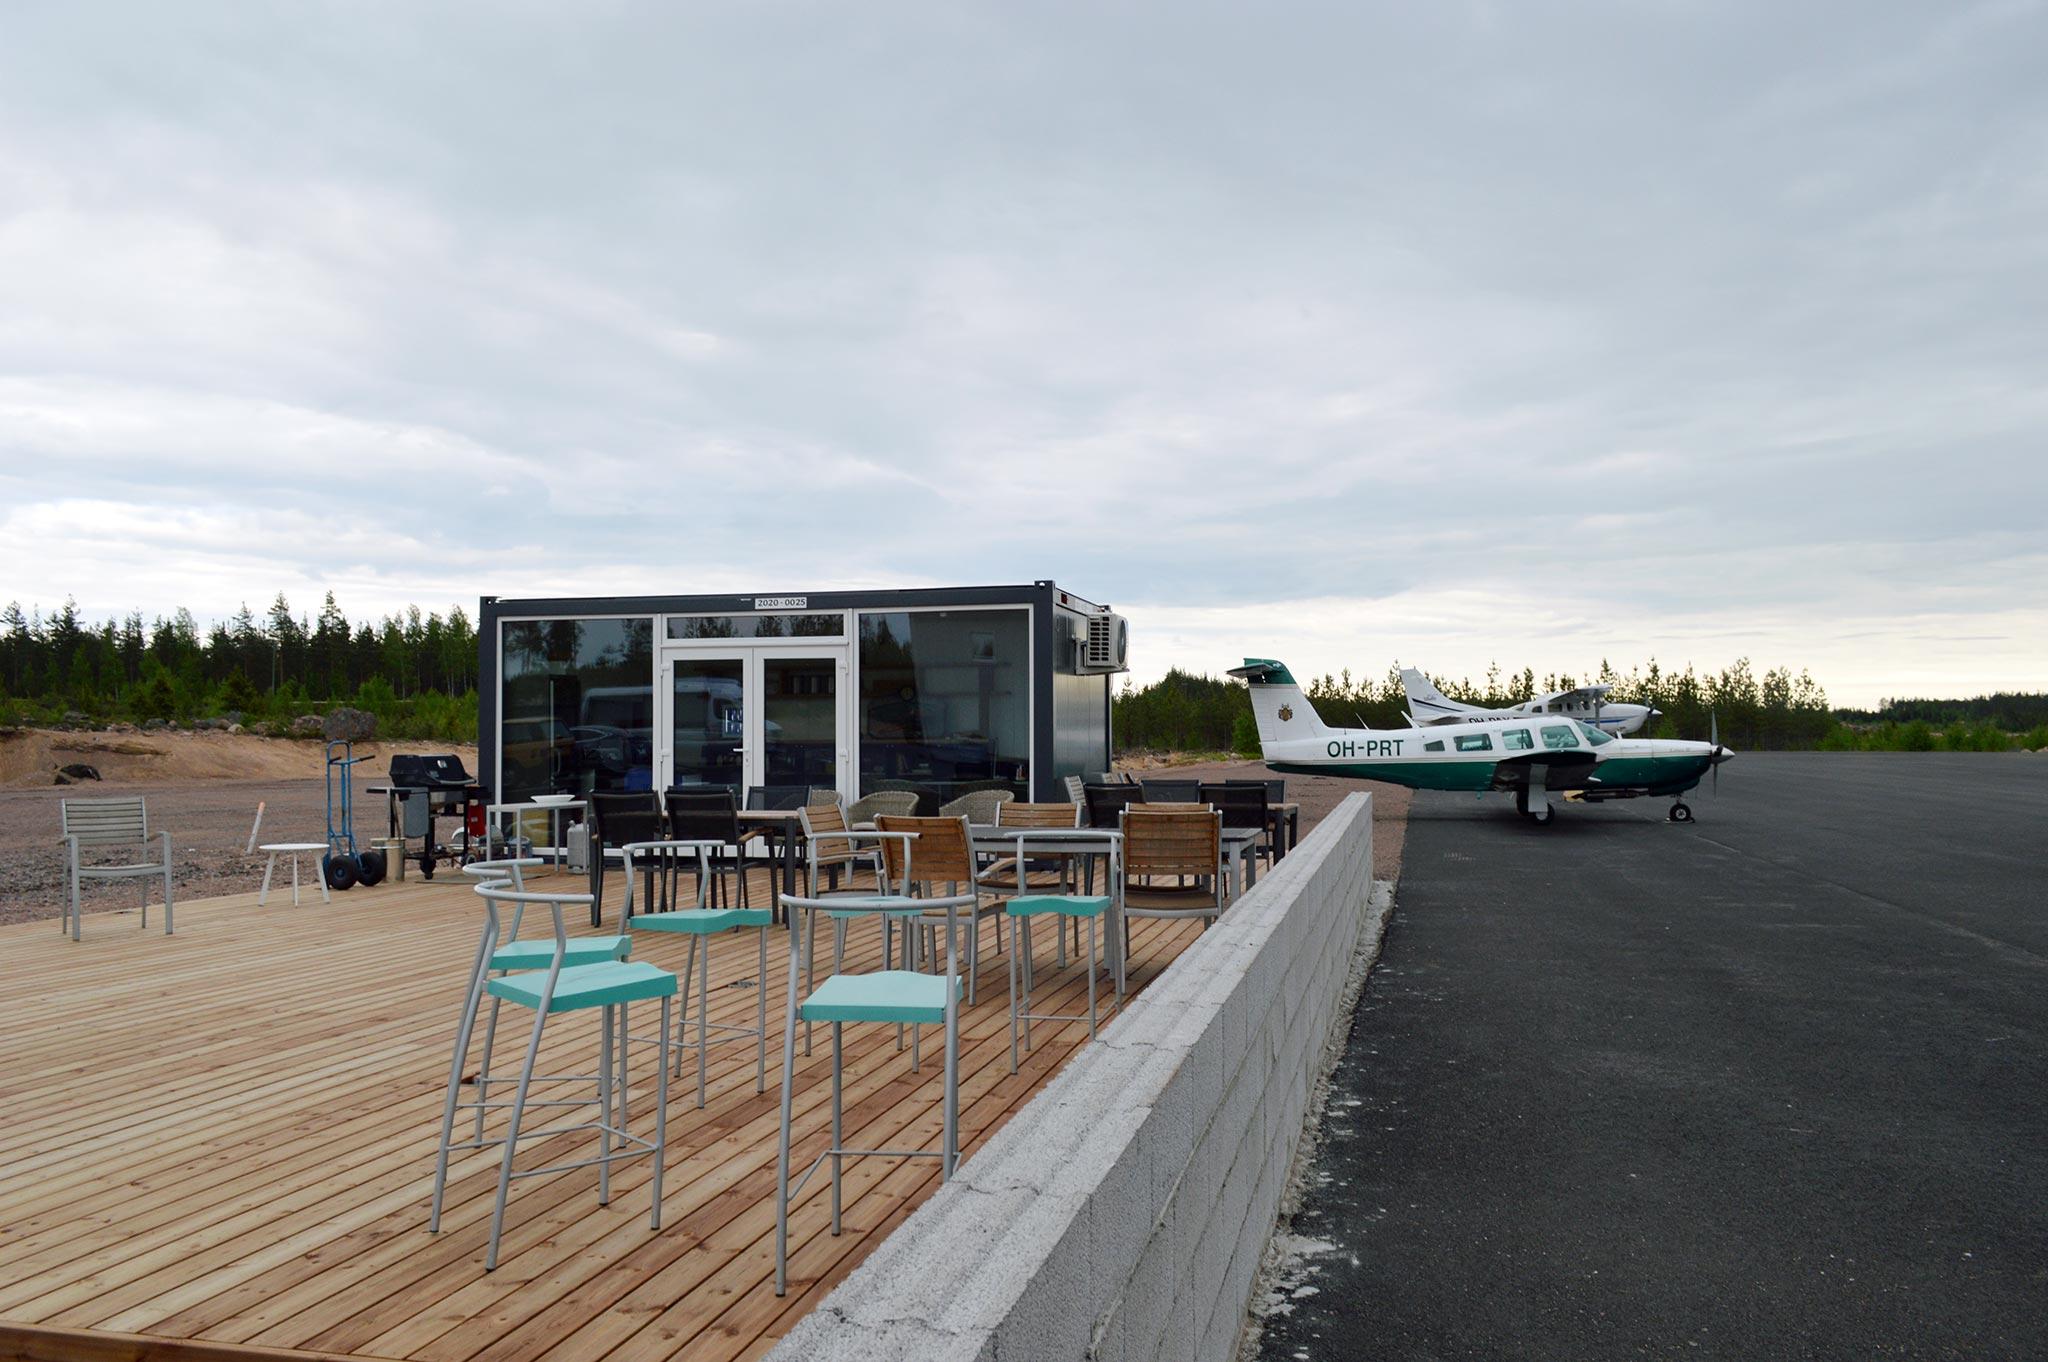 Pyhtään lentokentälle avataan kesällä 2021 kiitoradan viereen terassi, jonne kuka vain voi tulla syömään, juomaan ja katsomaan pienlentokoneita.